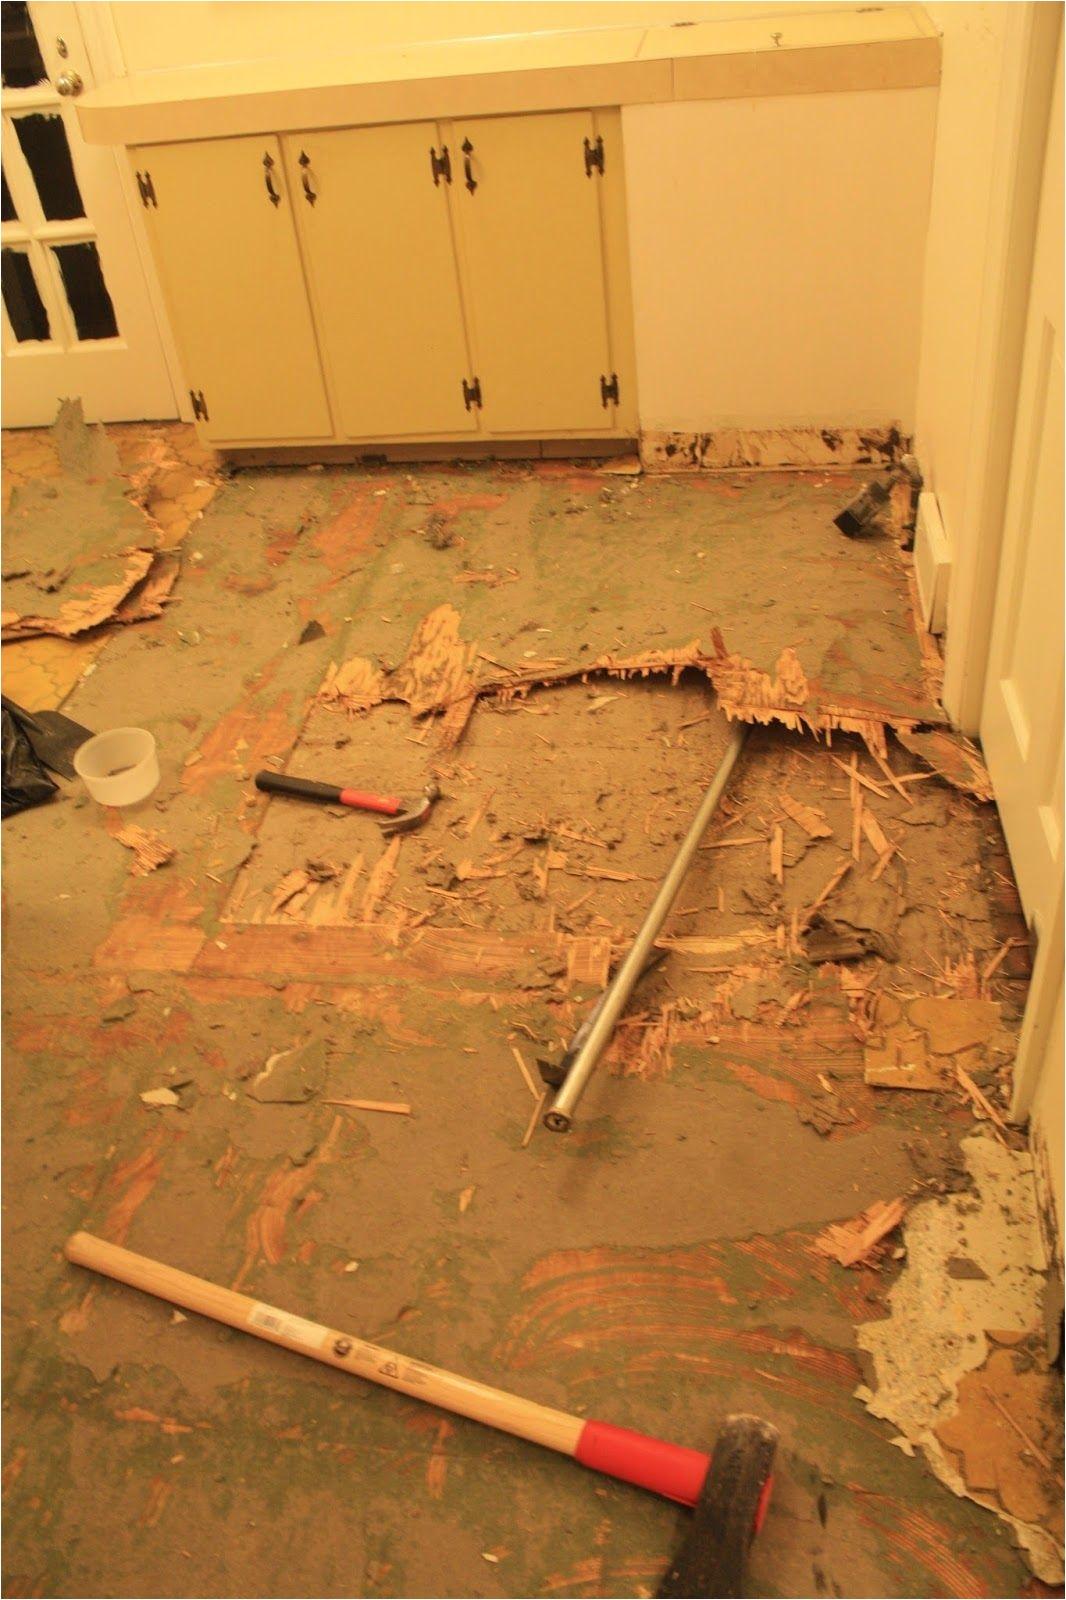 Removing Linoleum Glue From Hardwood Floors Removing Linoleum Scraping Up Linoleum Restoring Wood Floors